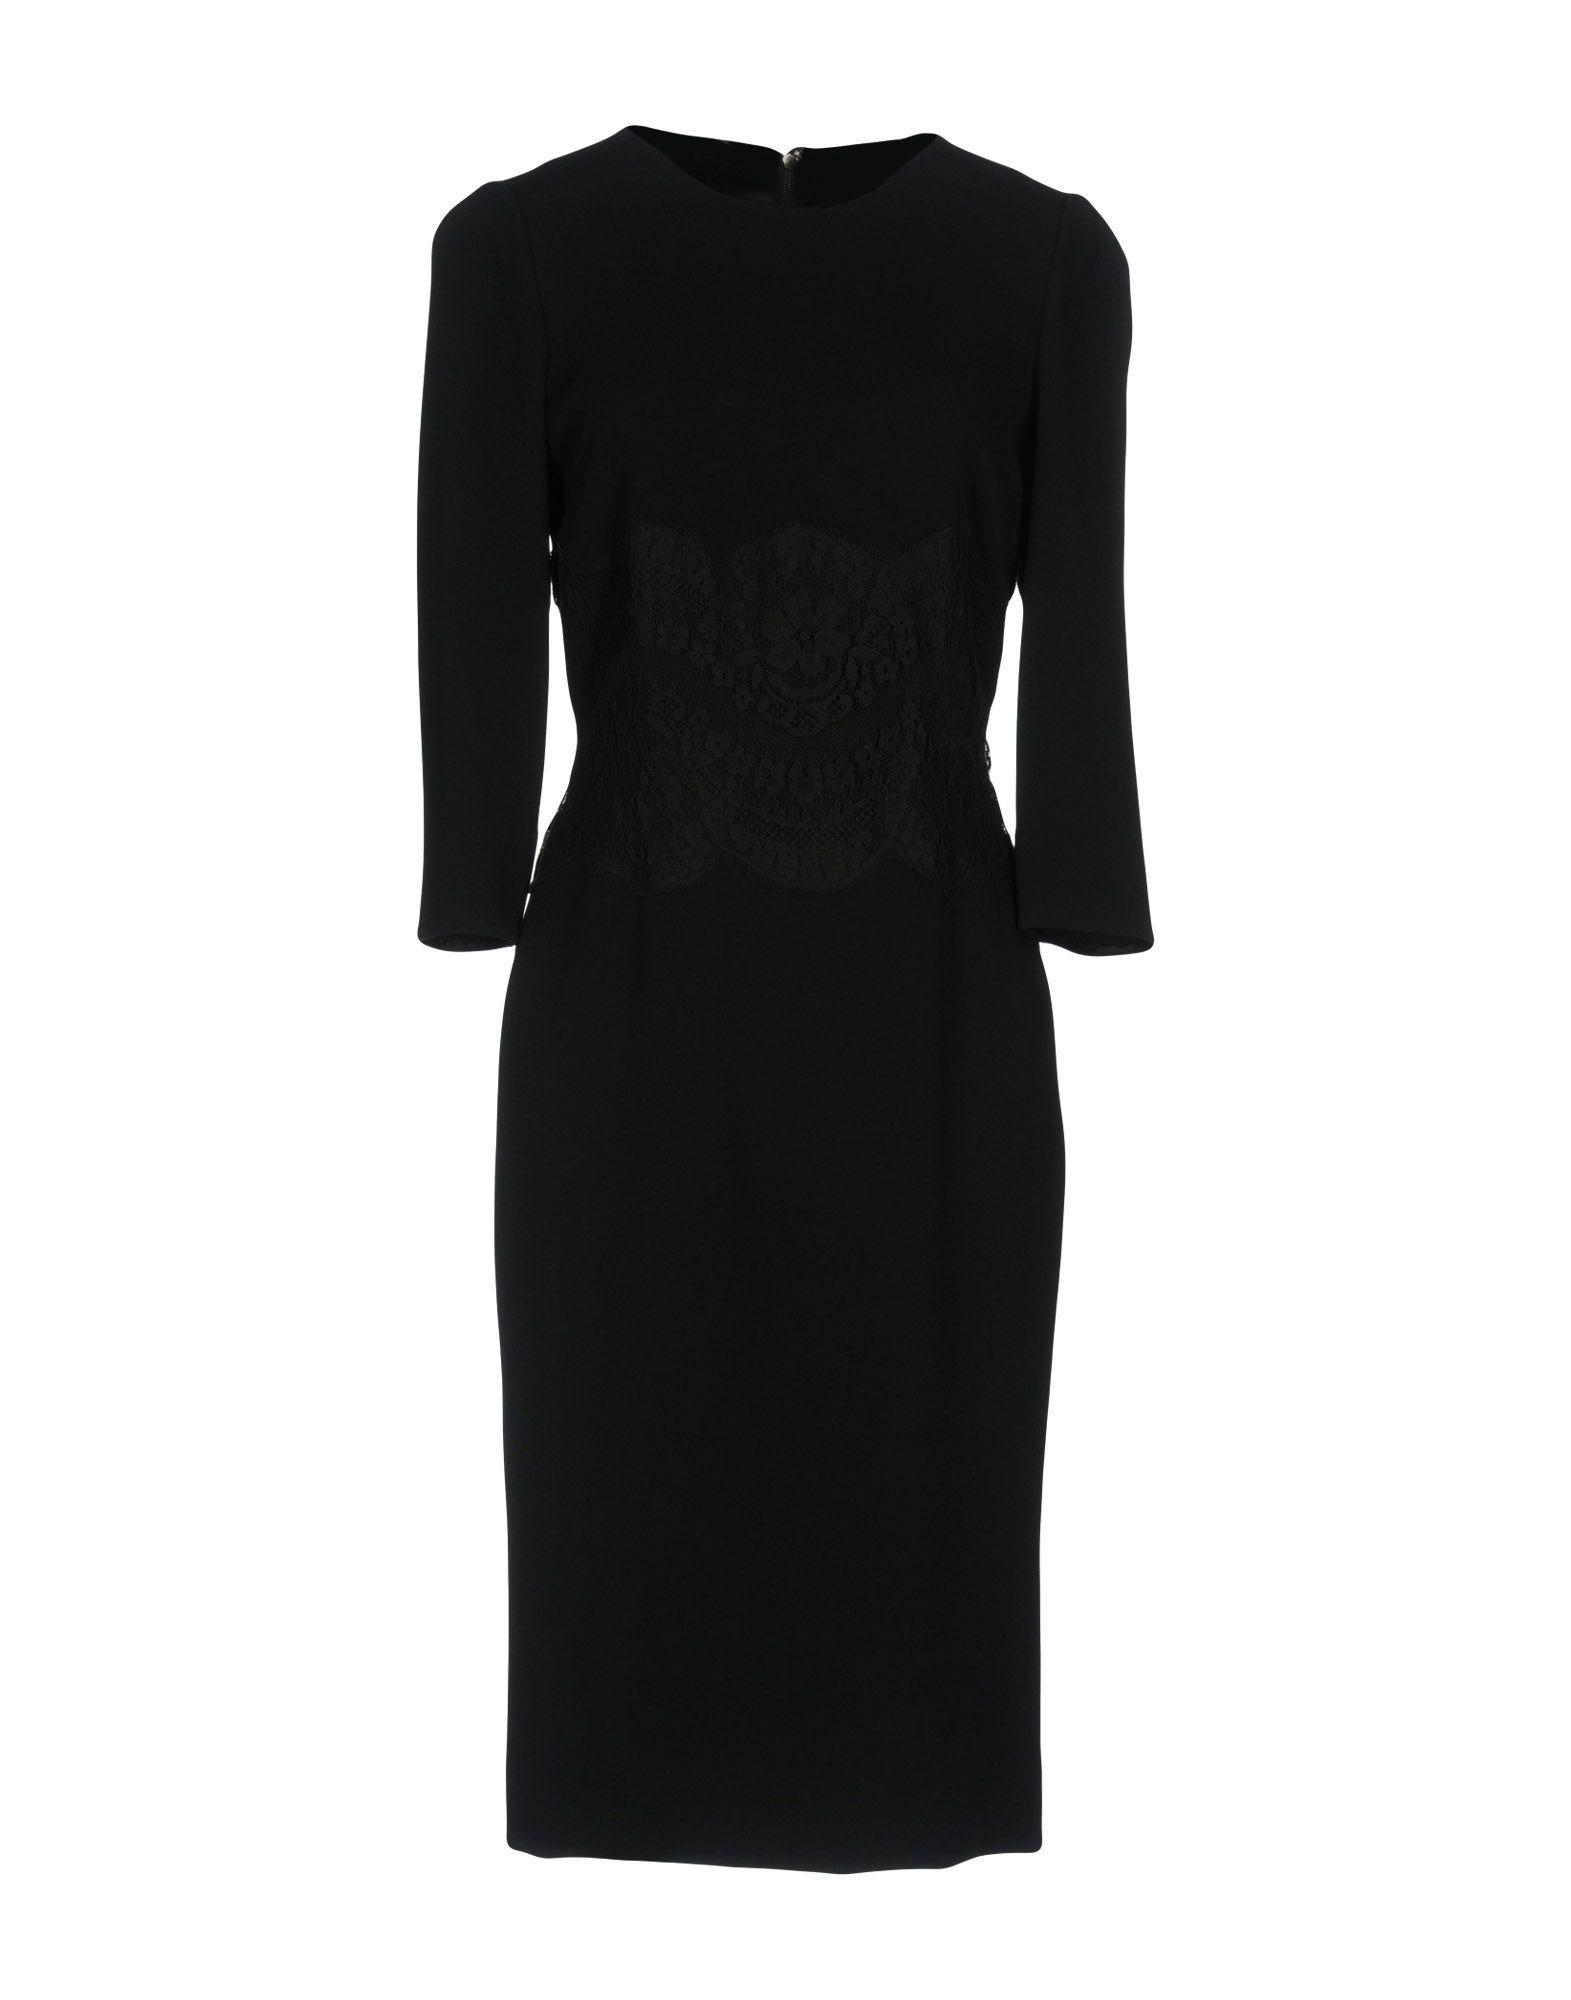 Dolce & Gabbana Knee-Length Dresses In Black